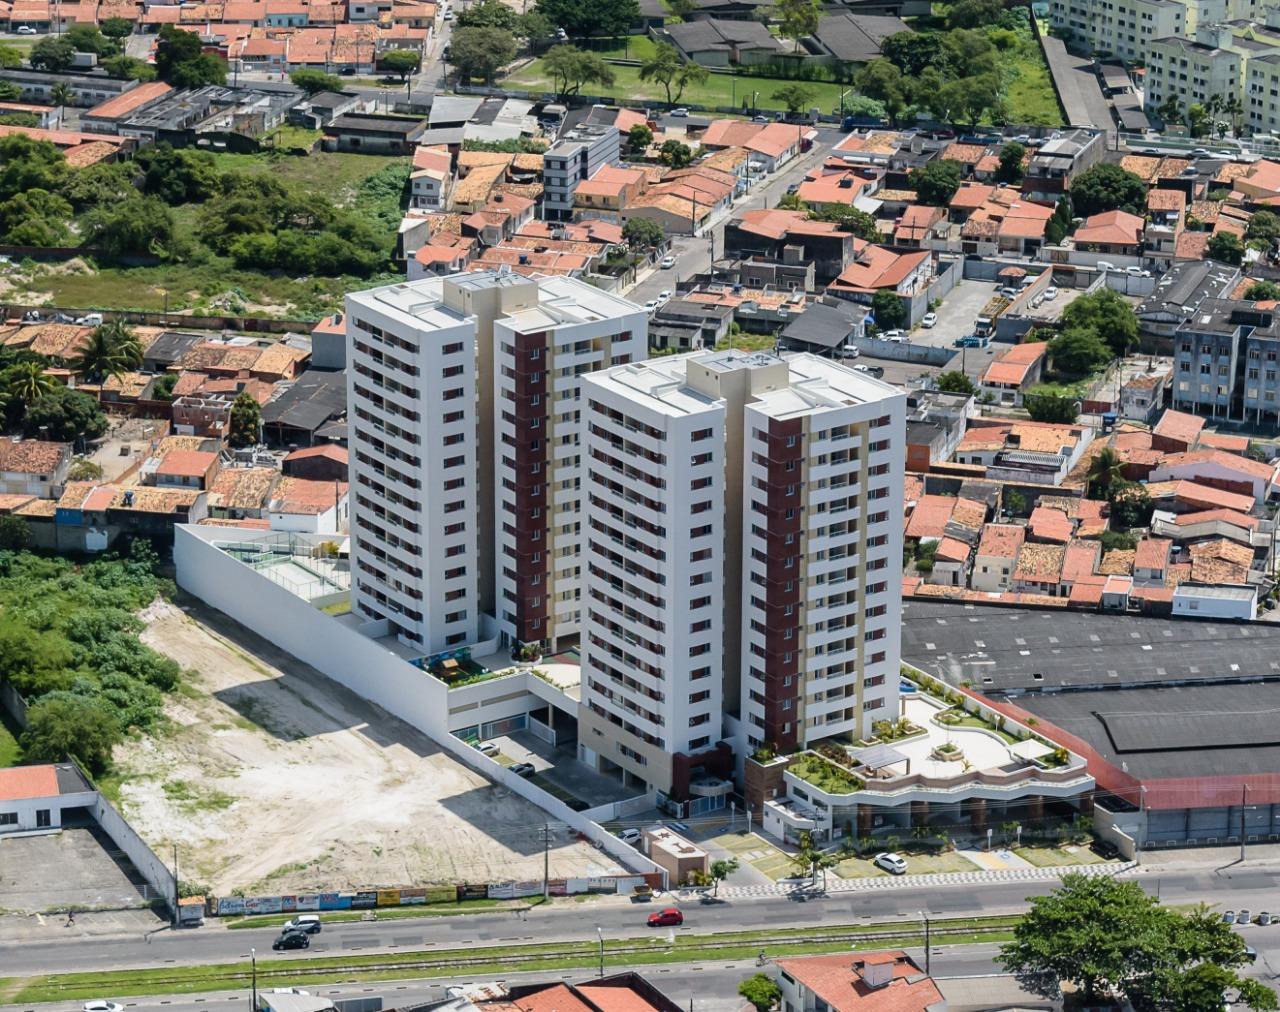 FOTO1 Primeiro contrato indexado IPCA assinado em Sergipe foi empreendimento da União (2).jpg